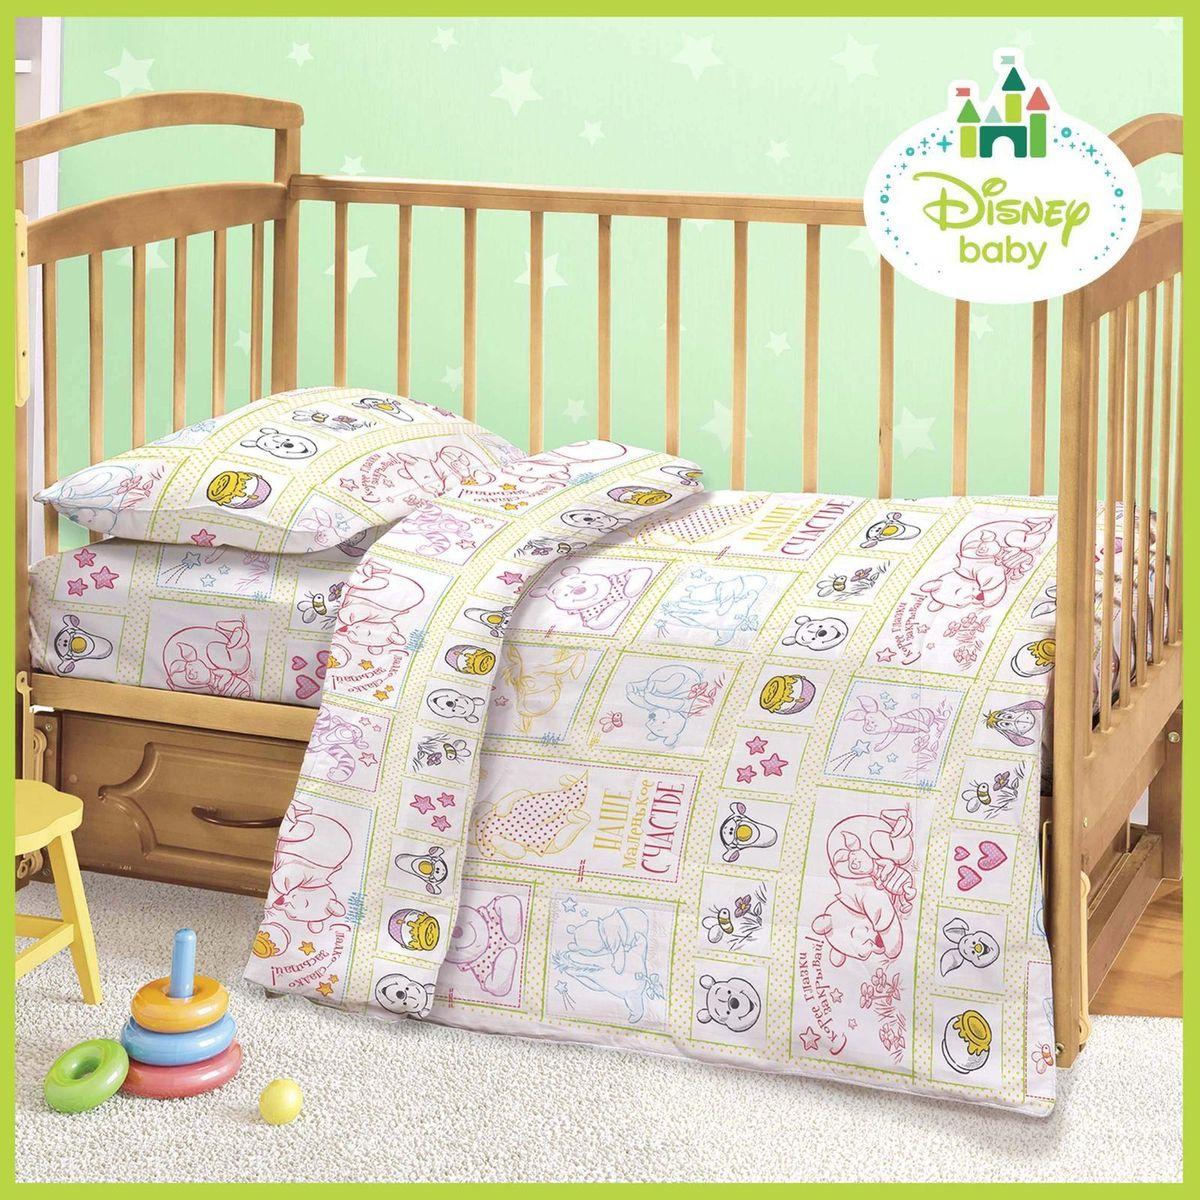 Disney КПБ Дисней бейби Наше счастье -  Детский текстиль